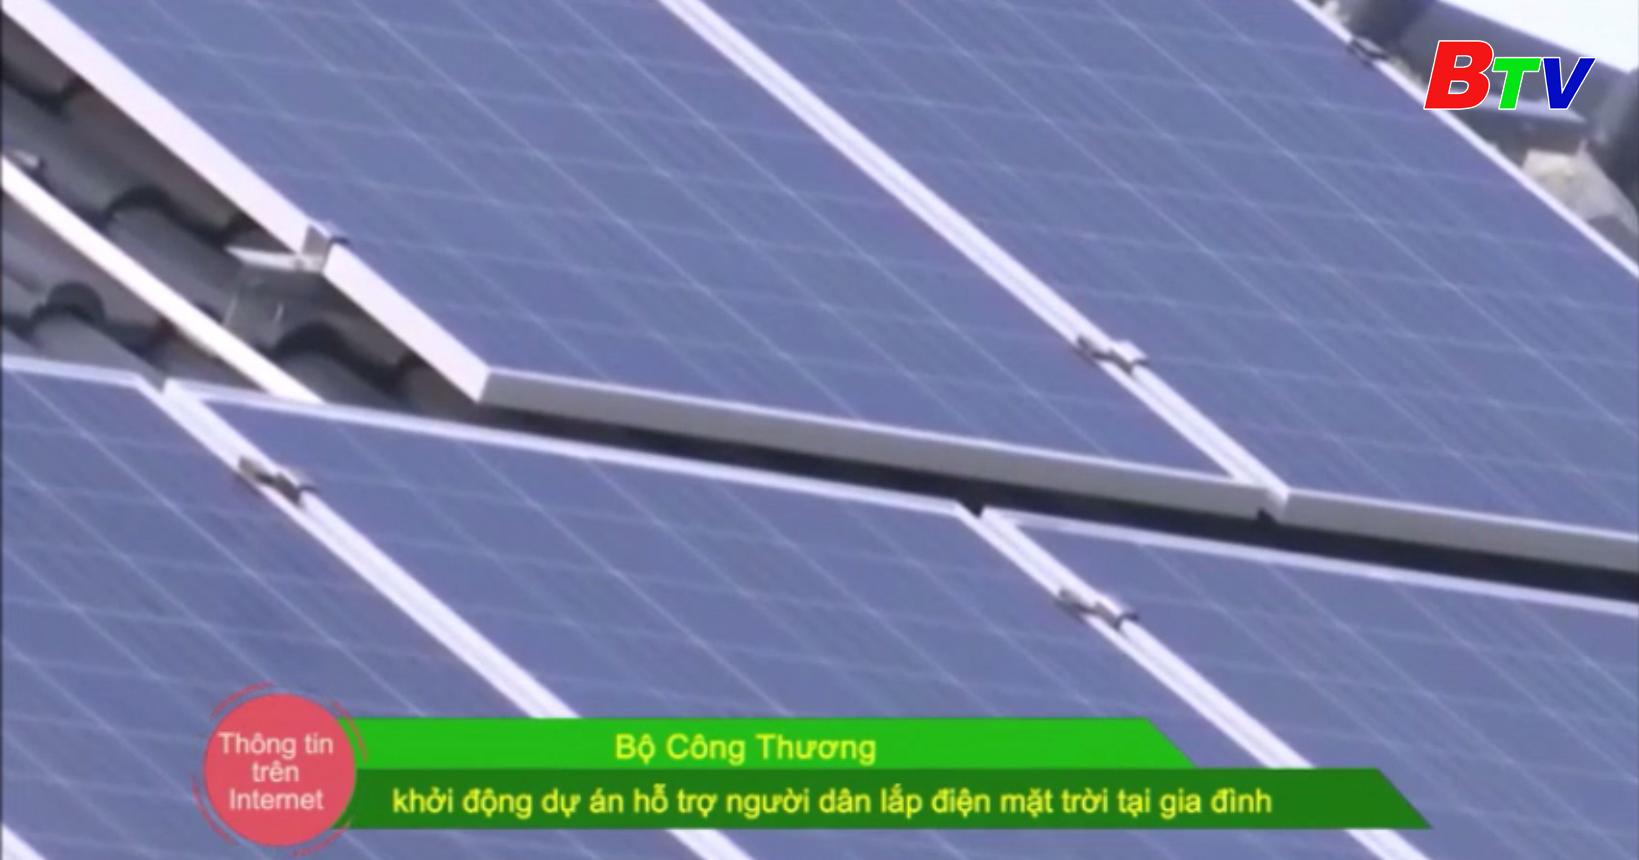 Bộ Công thương khởi động dự án hỗ trợ người dân lắp điện mặt trời tại gia đình